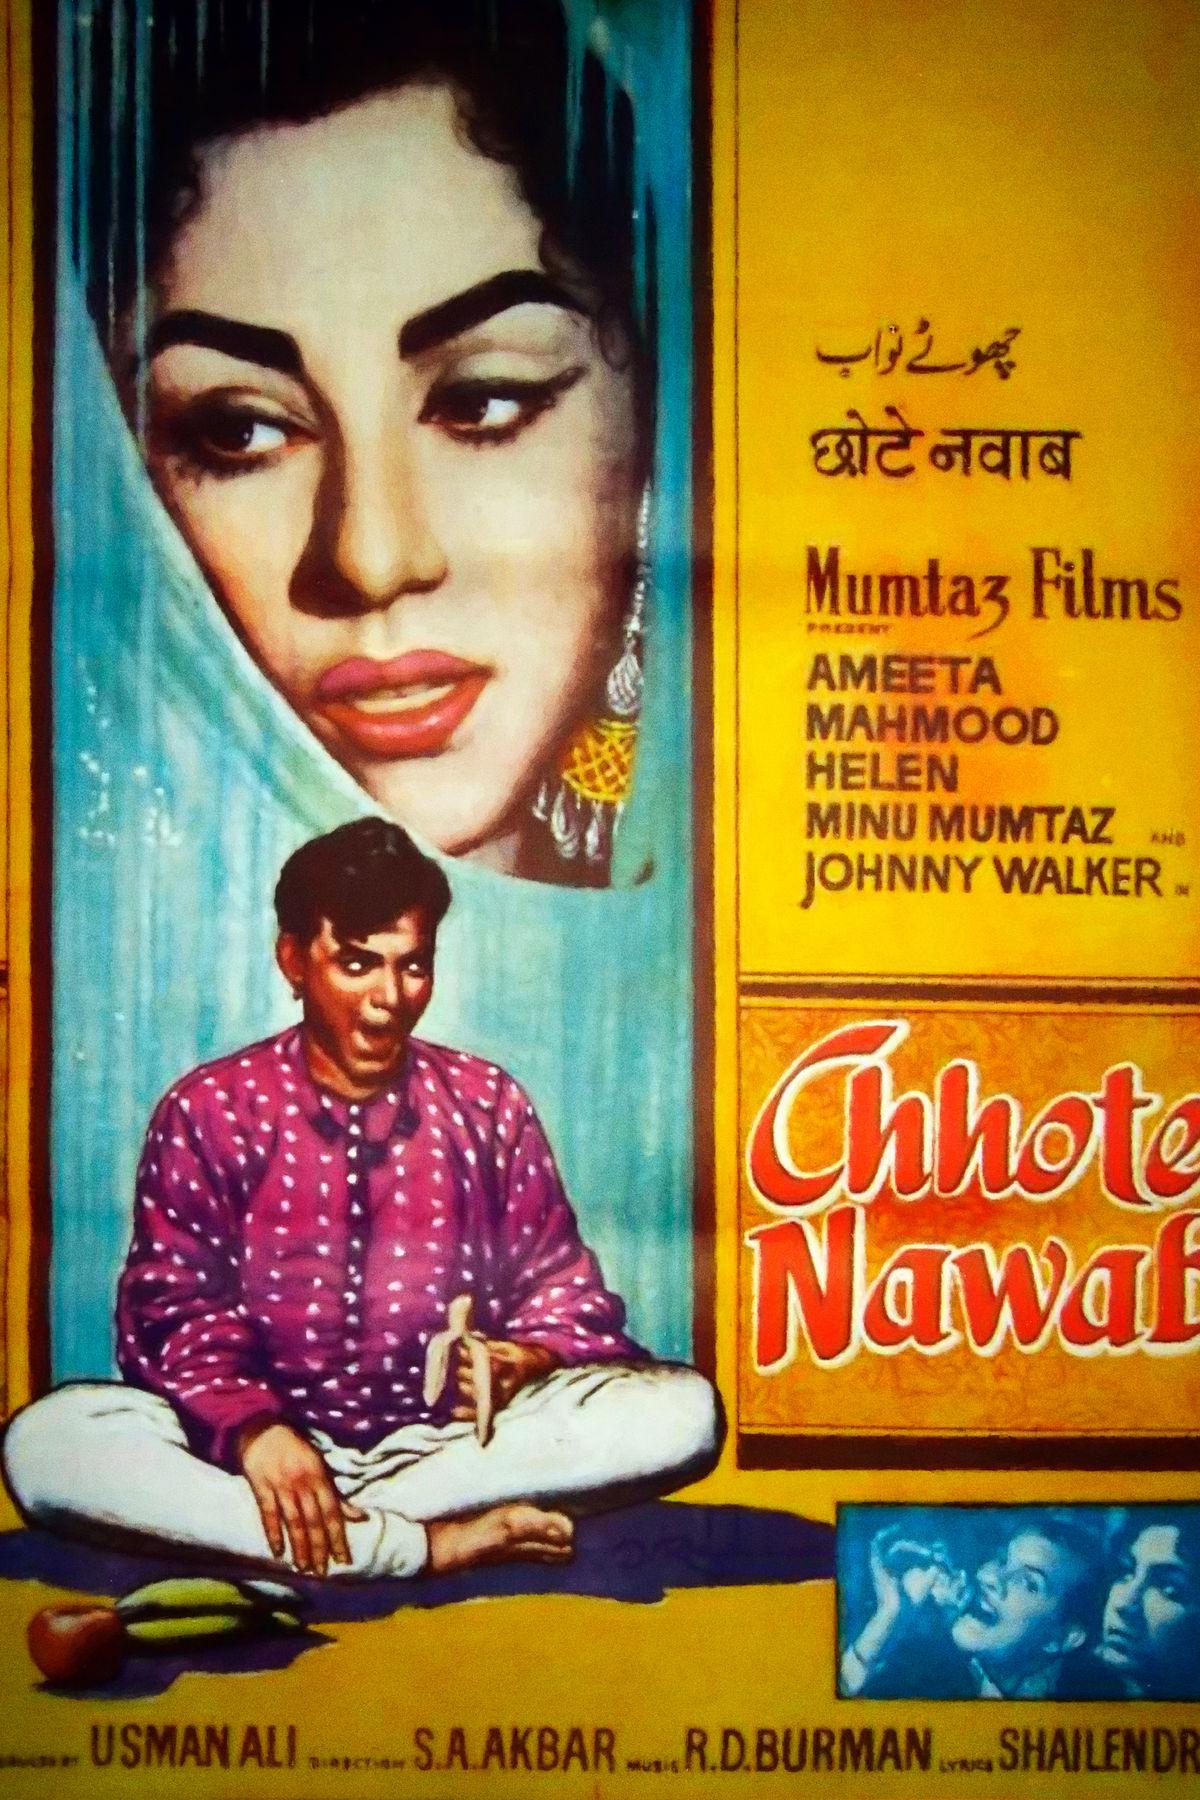 Chhote Nawab